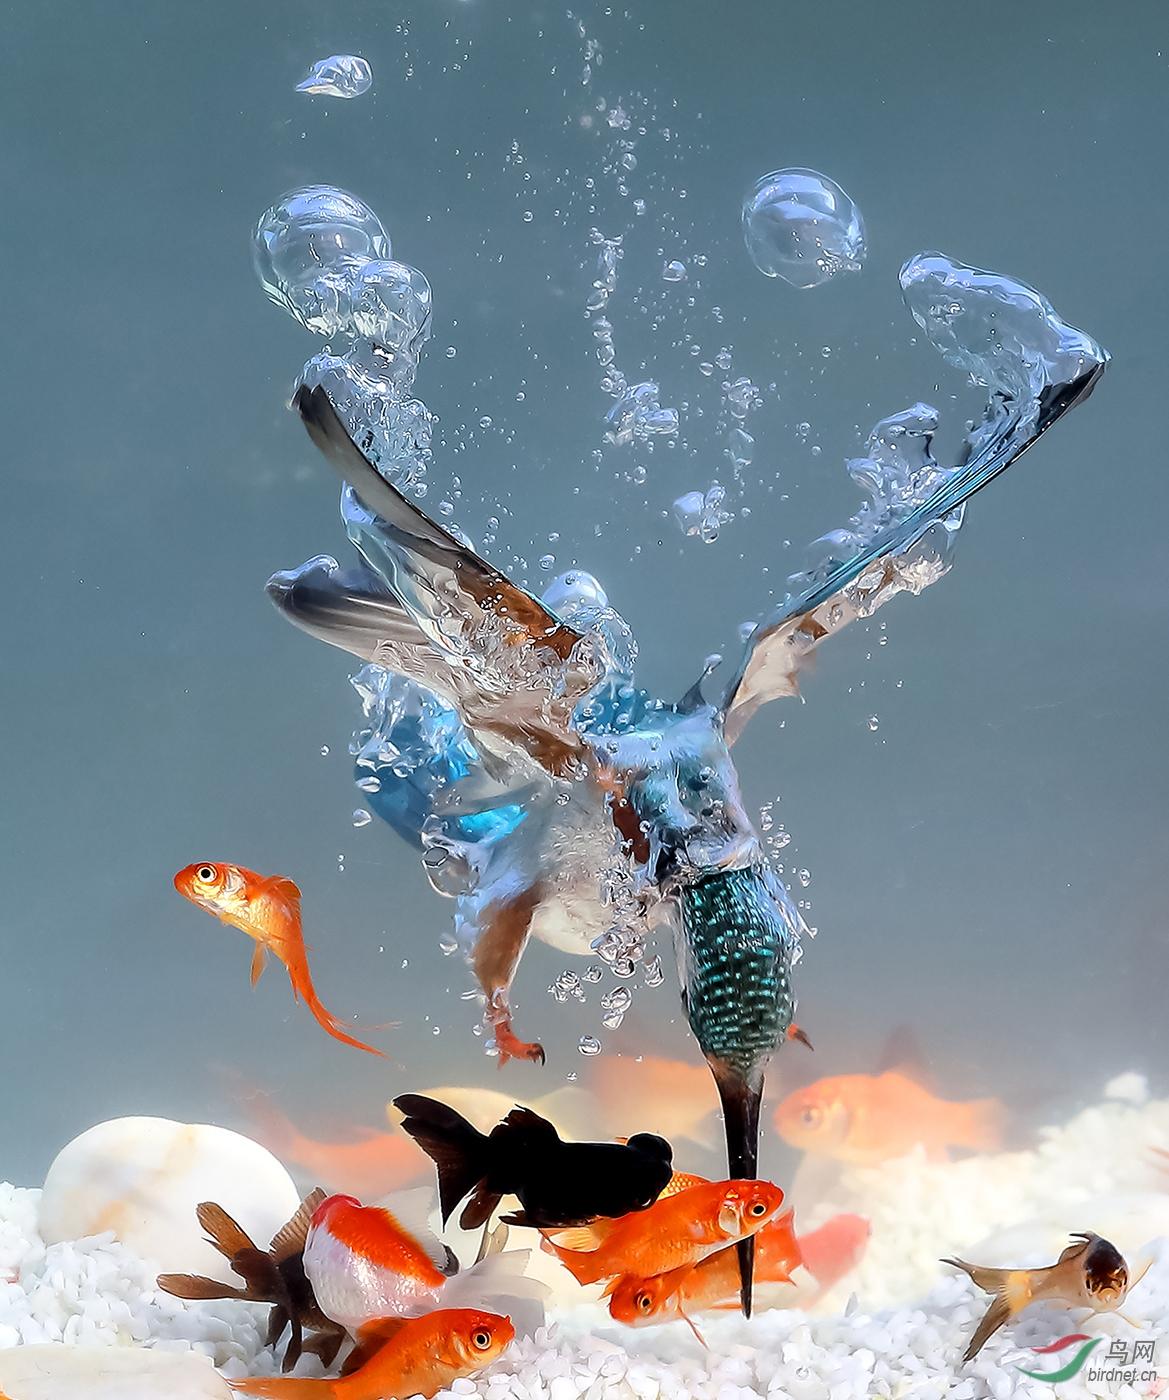 王坚——风雨飘渺w-004艺术最佳奖-1693.翠鸟水下叼鱼_艺术(画意)摄影.jpg